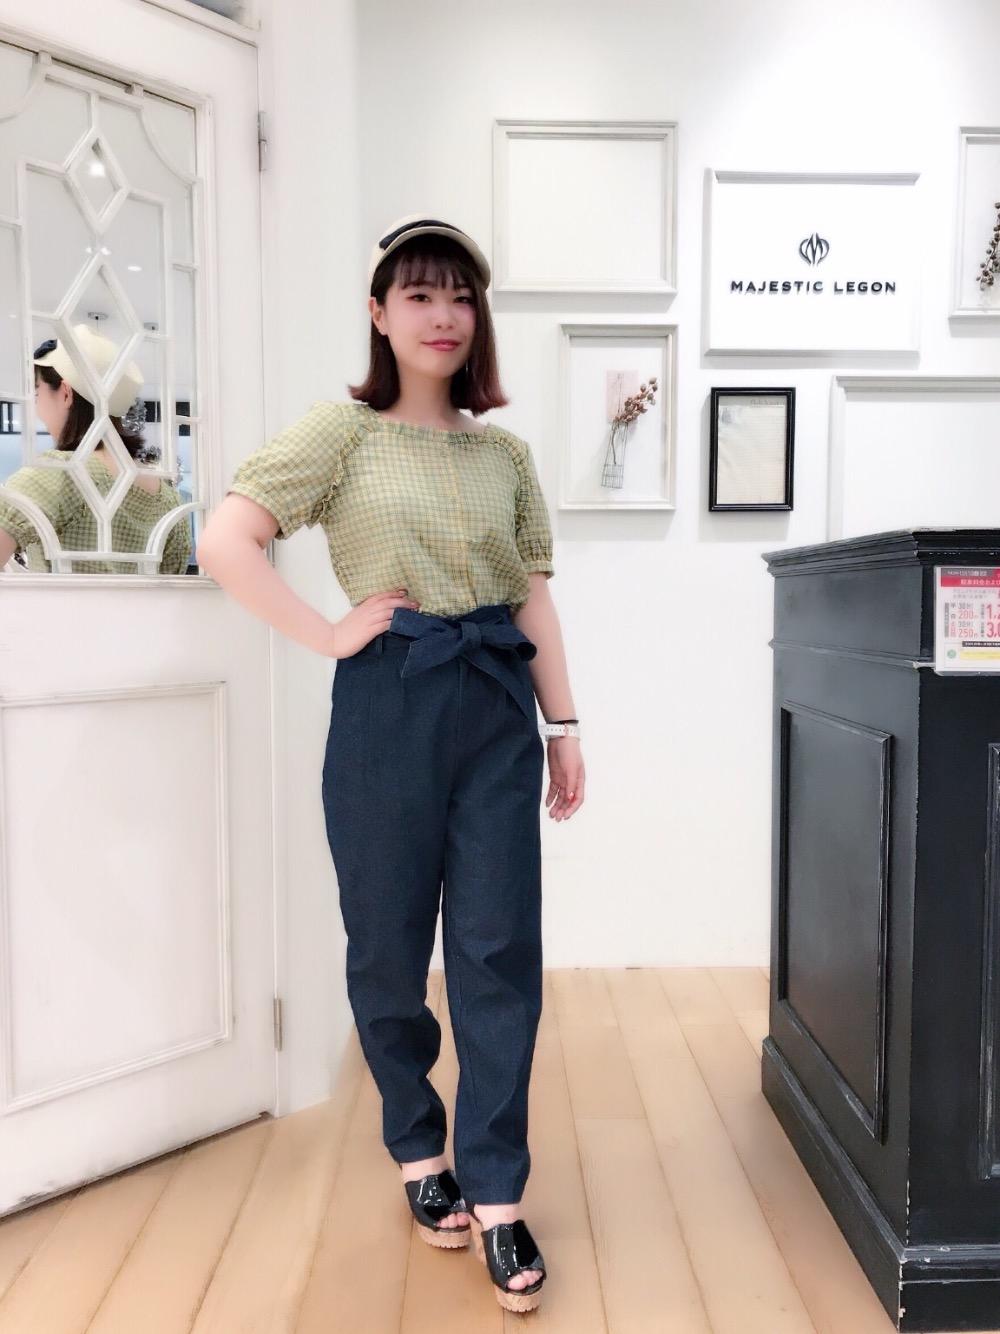 MAJESTIC LEGONアミュプラザ小倉店